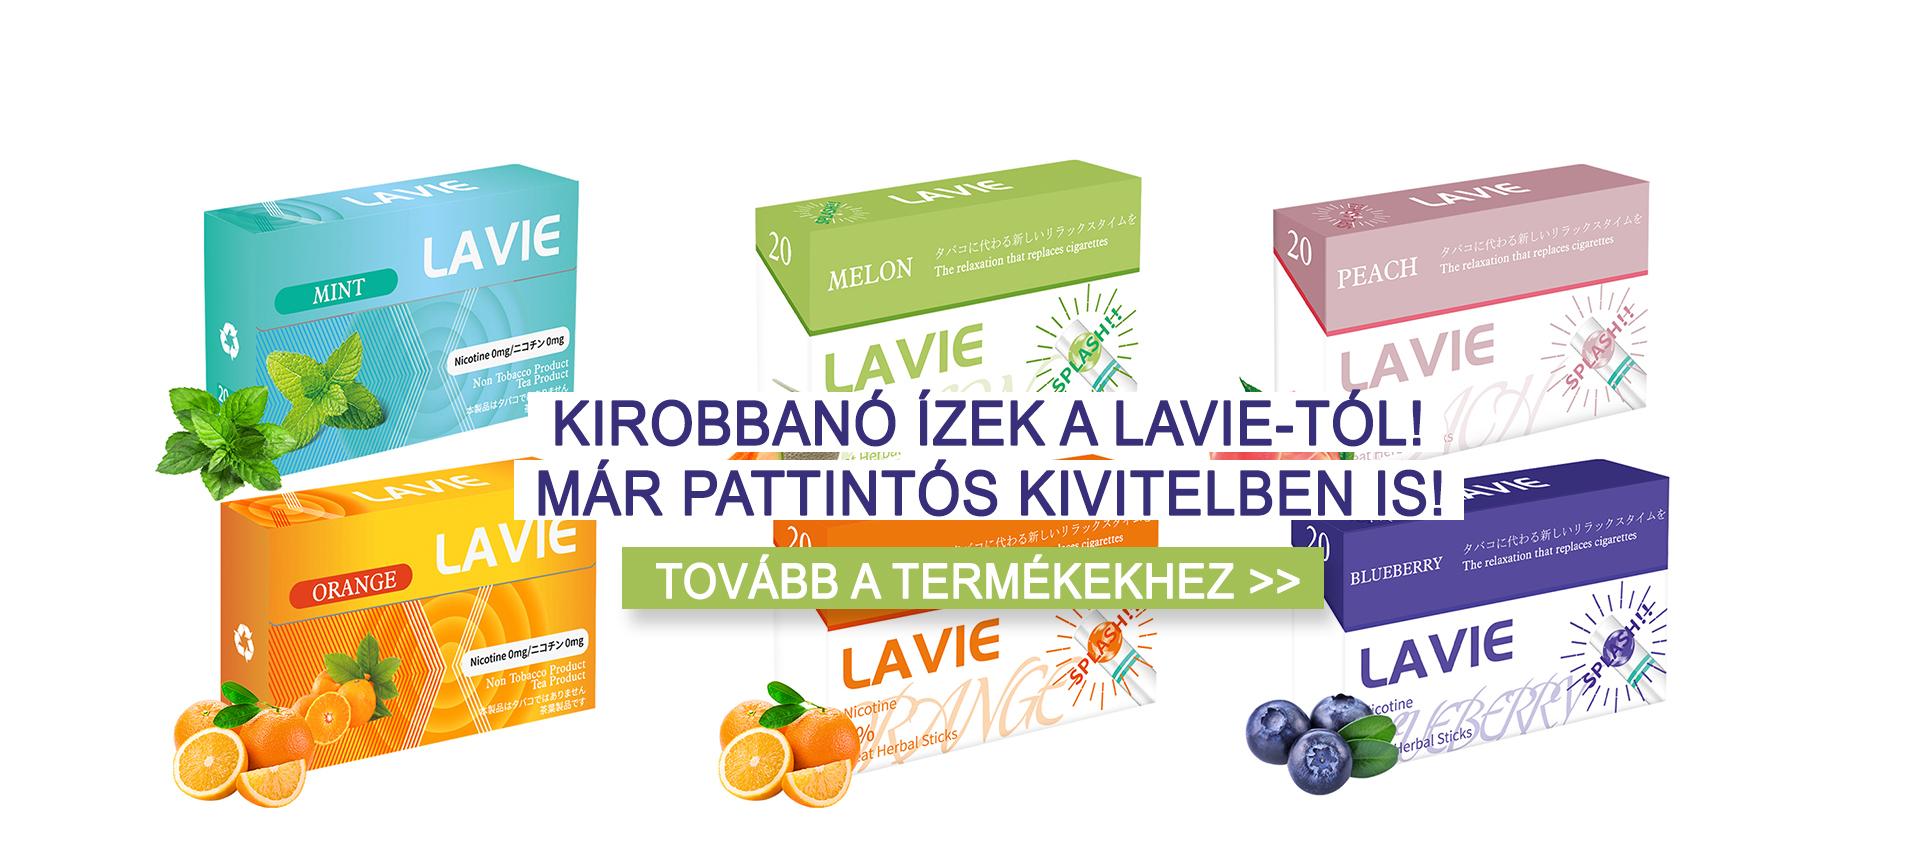 Lavie termékek